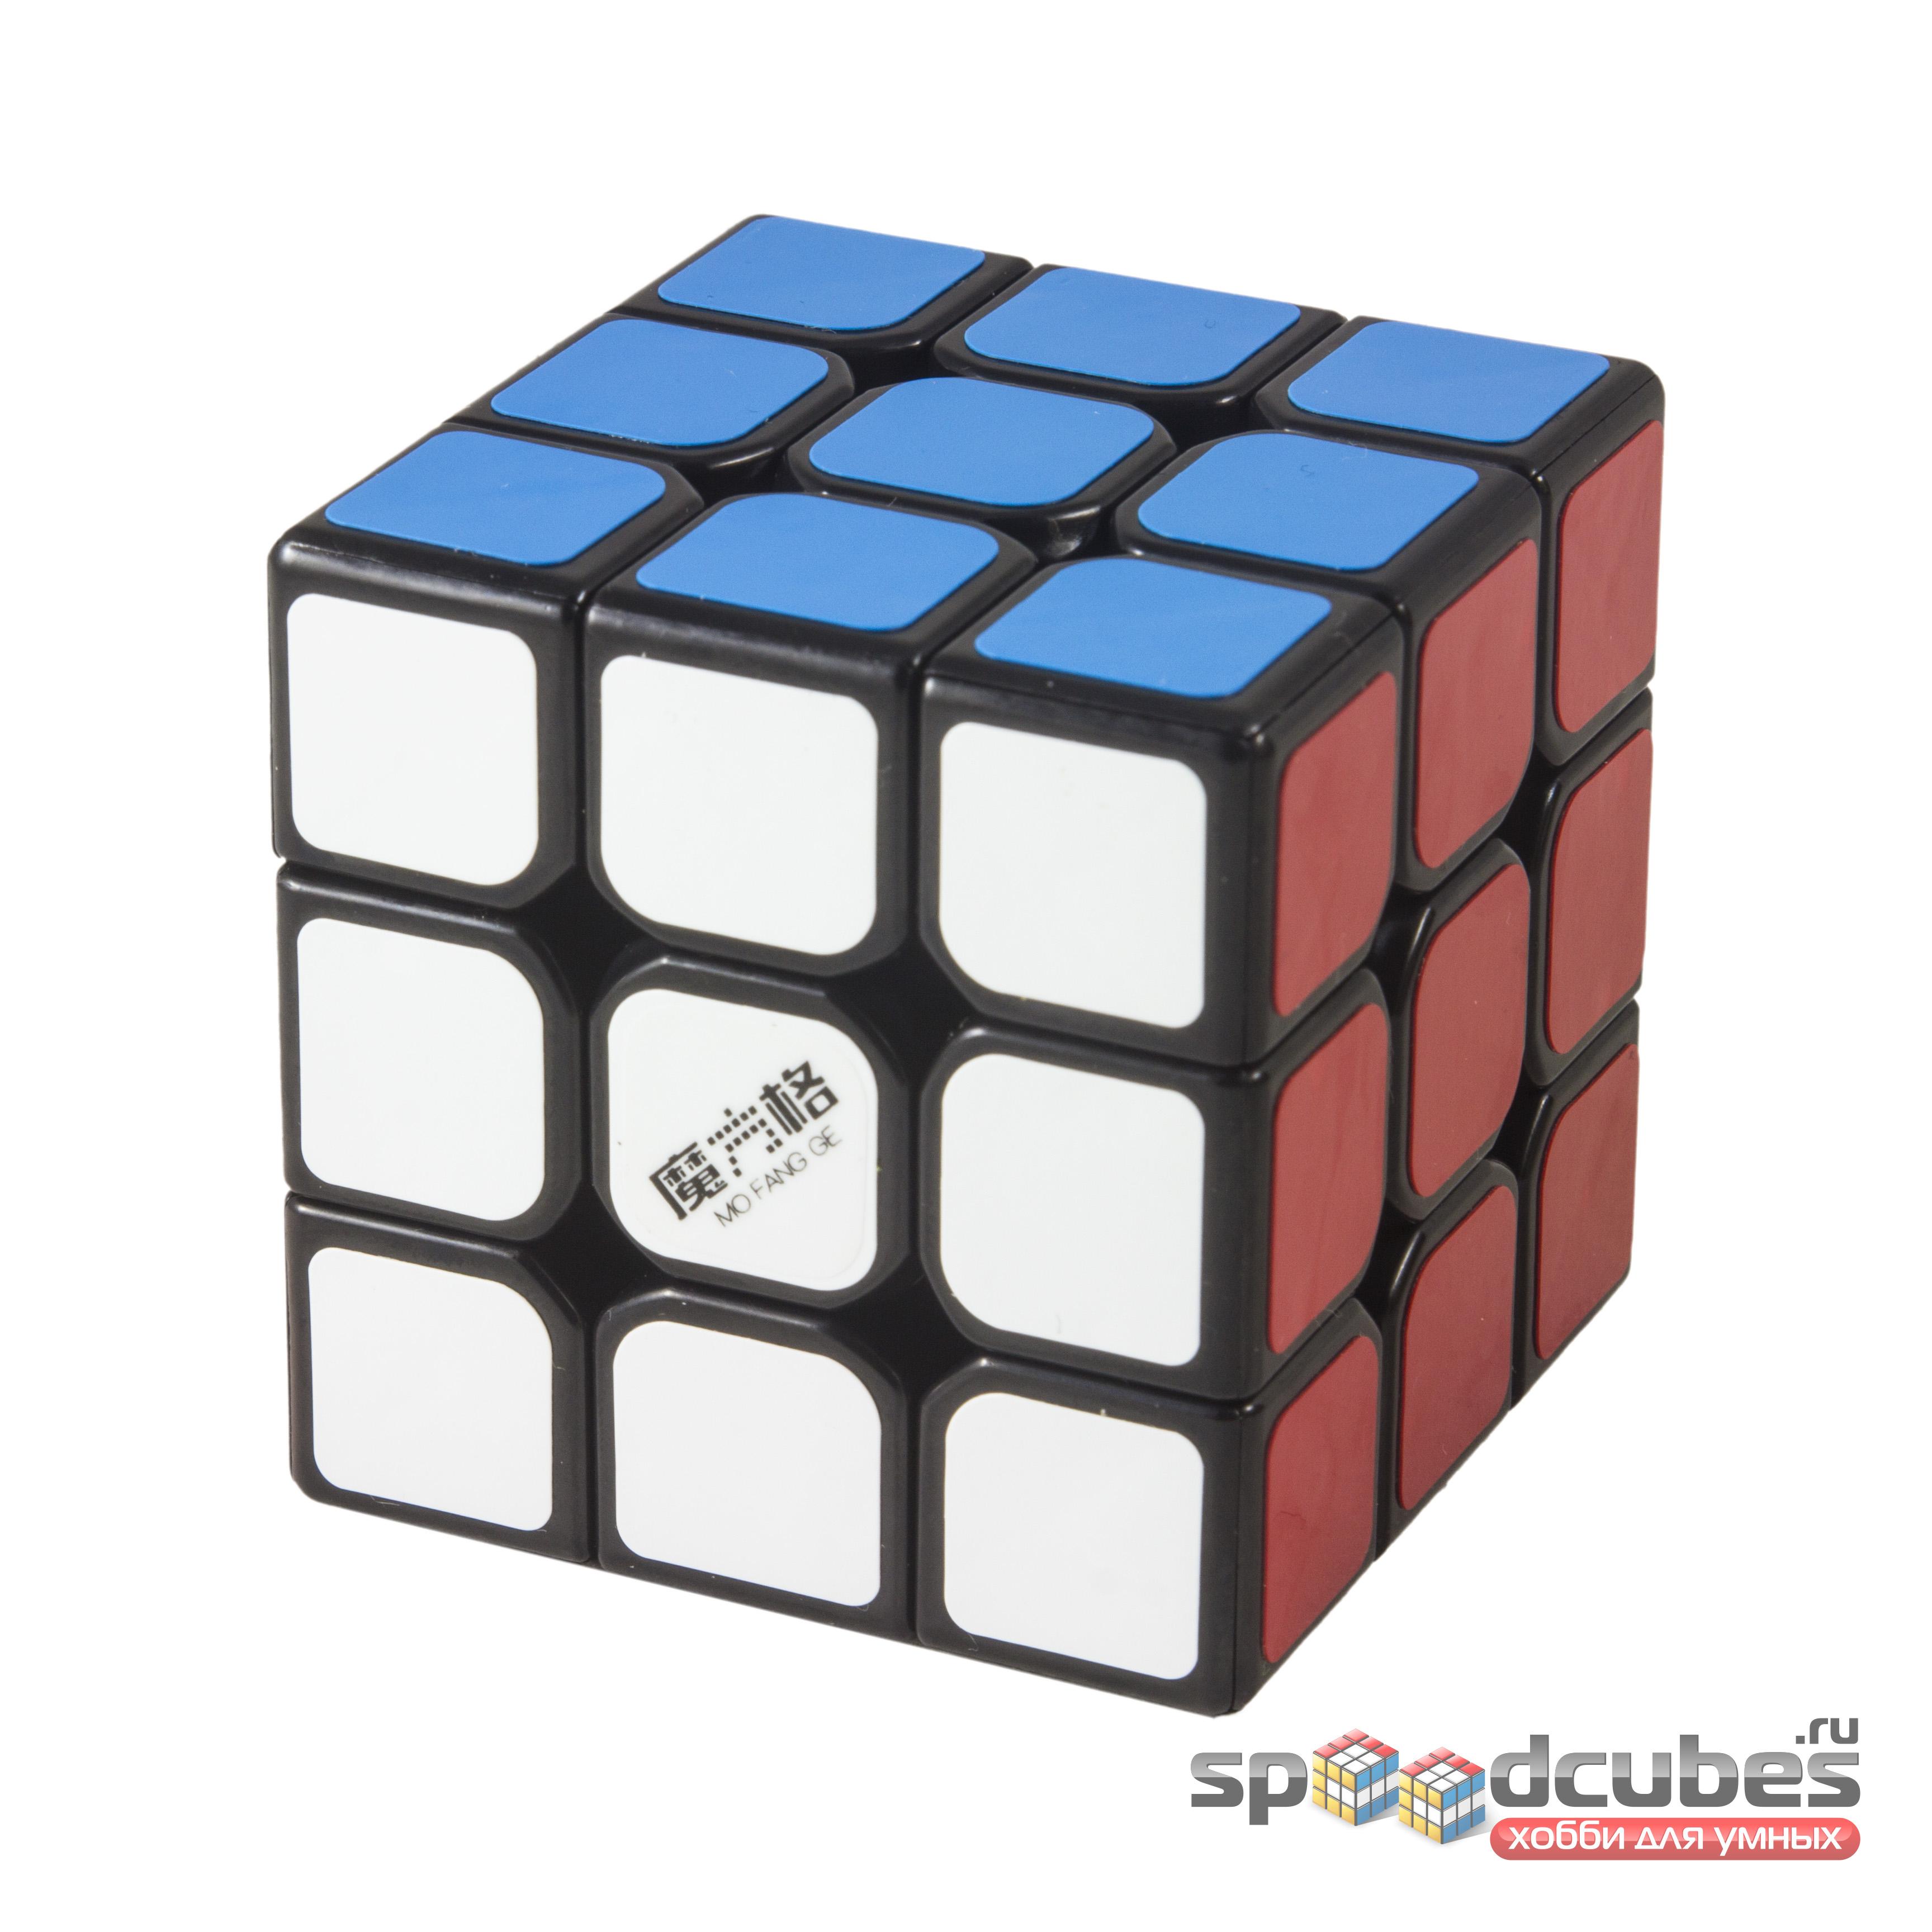 QiYi (MoFangGe) 3x3x3 Thunderclap V1 с чехлом